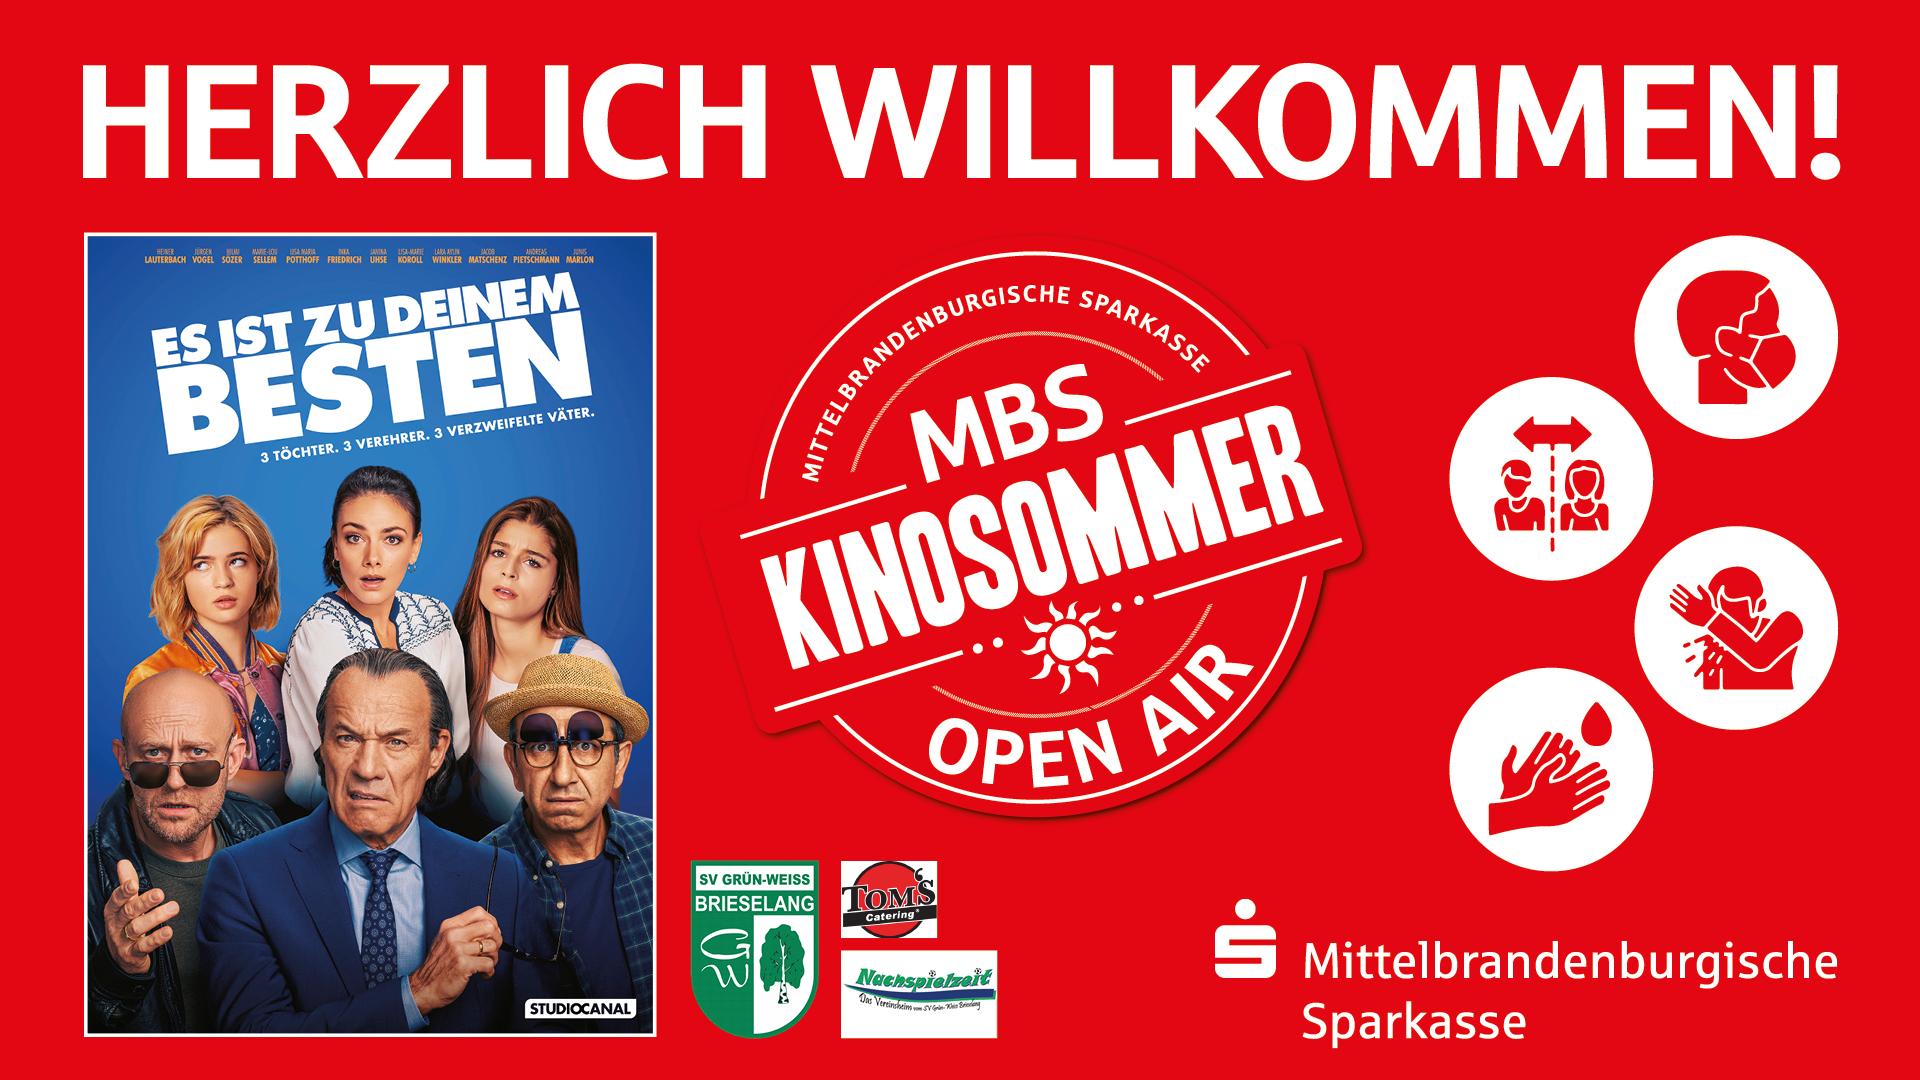 MBS Kinosommer am 14.08.2021 in Brieselang